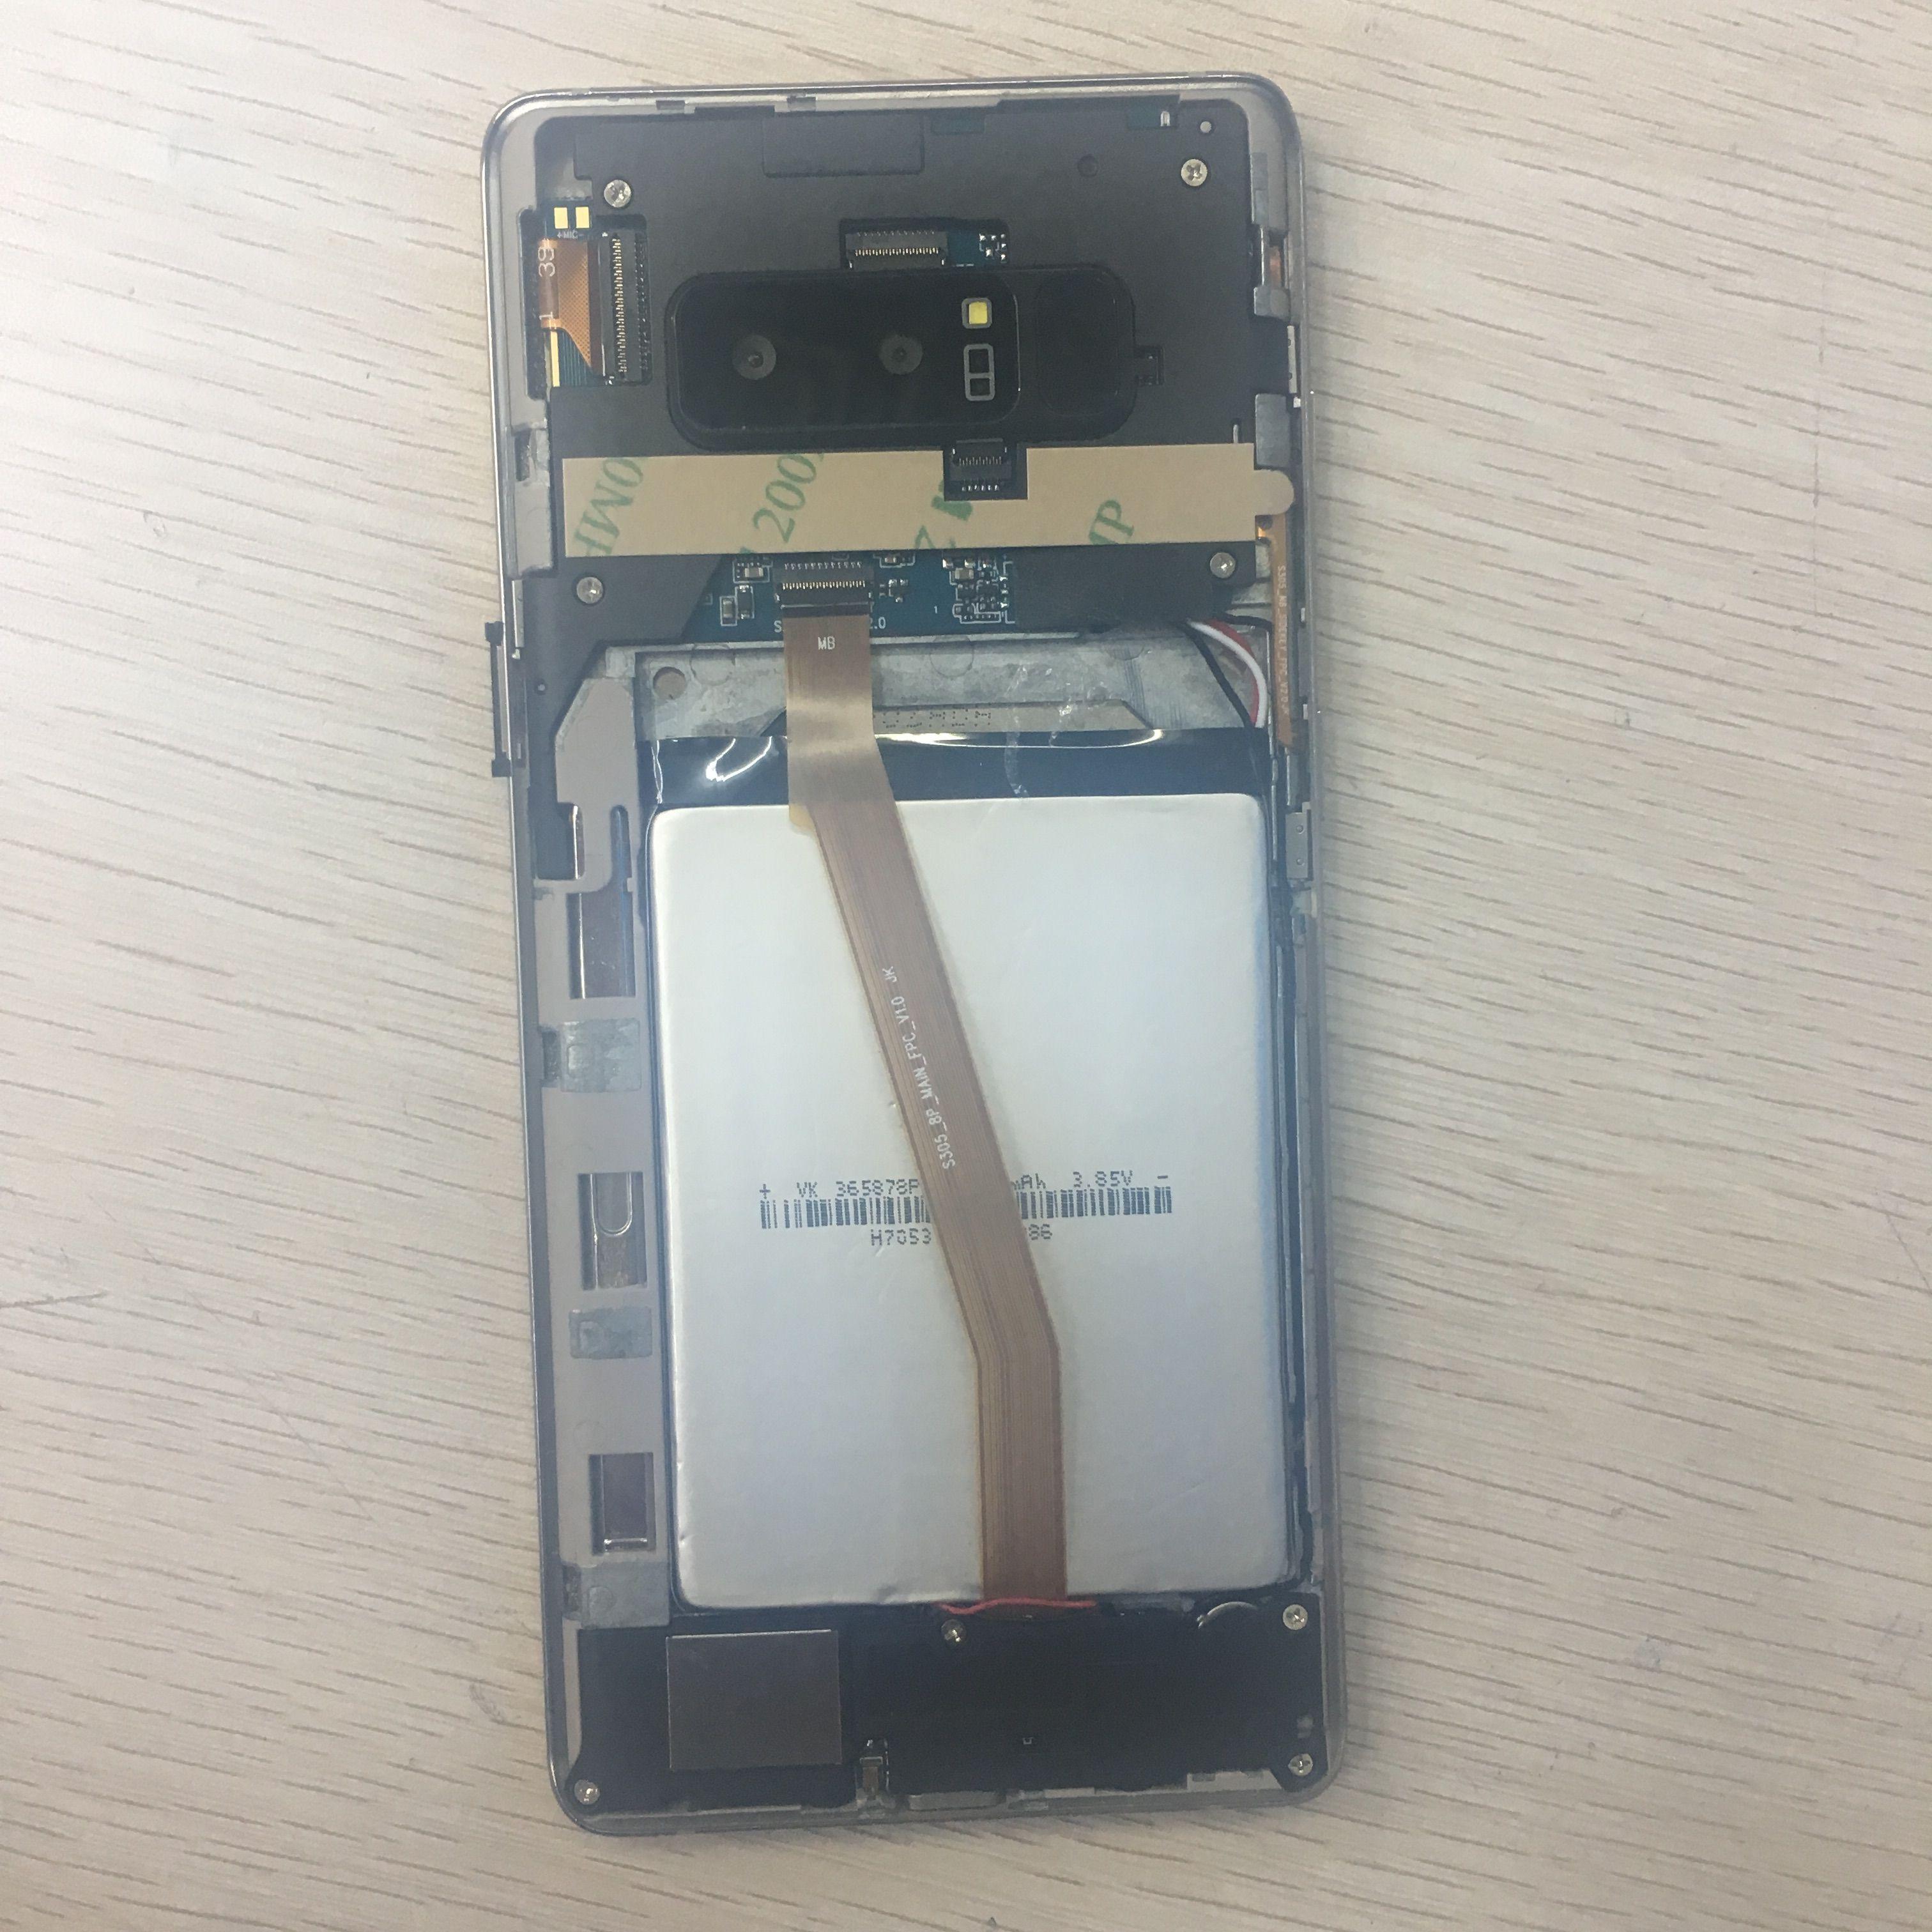 Kopieren Sie entsperrt 3G Smart Phone Note 8 6,3 Zoll Handys Note8 Android System Gefälschte 4g lte Wifi Smartphone mit Vollbild